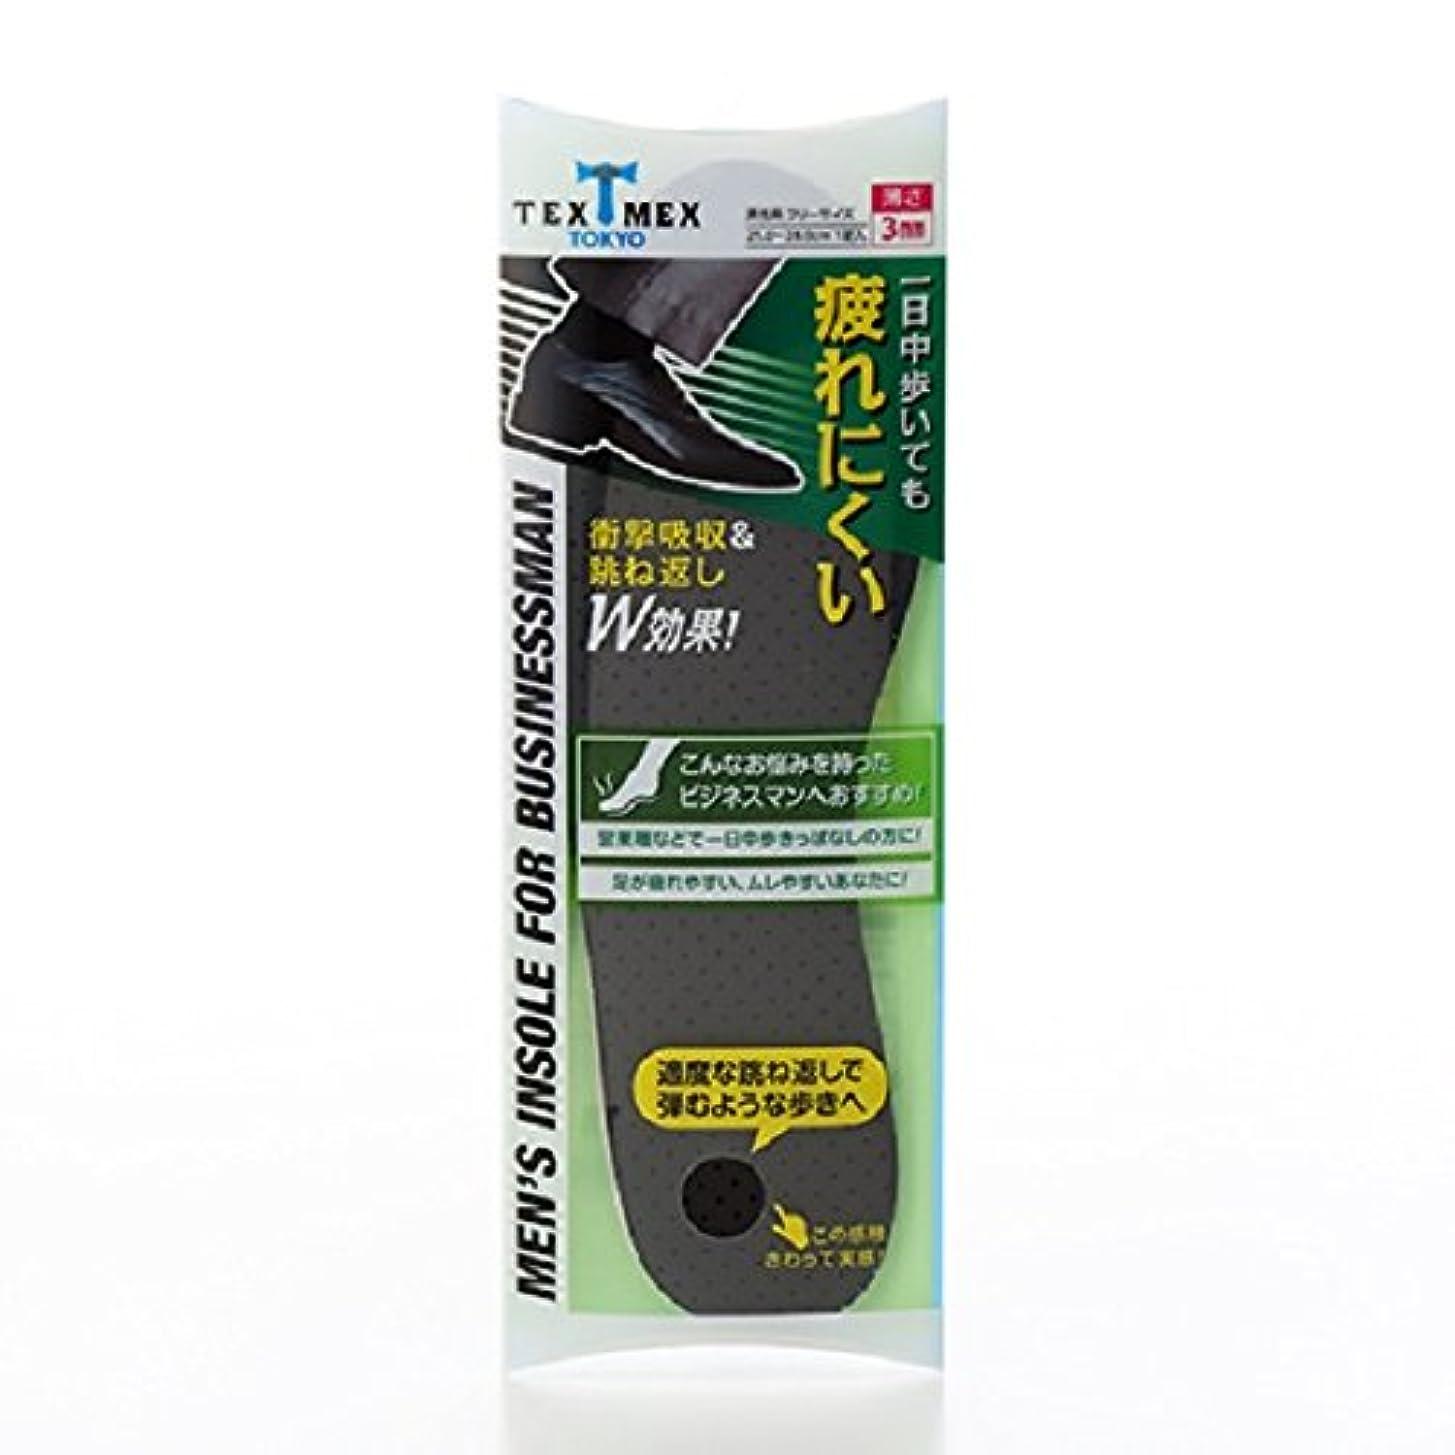 決定するバーガーたとえテックスメックス 衝撃吸収メンズインソール 1足分 25cm~28cm (男性用インソール) 【足の疲れや痛み、ムレ対策に】